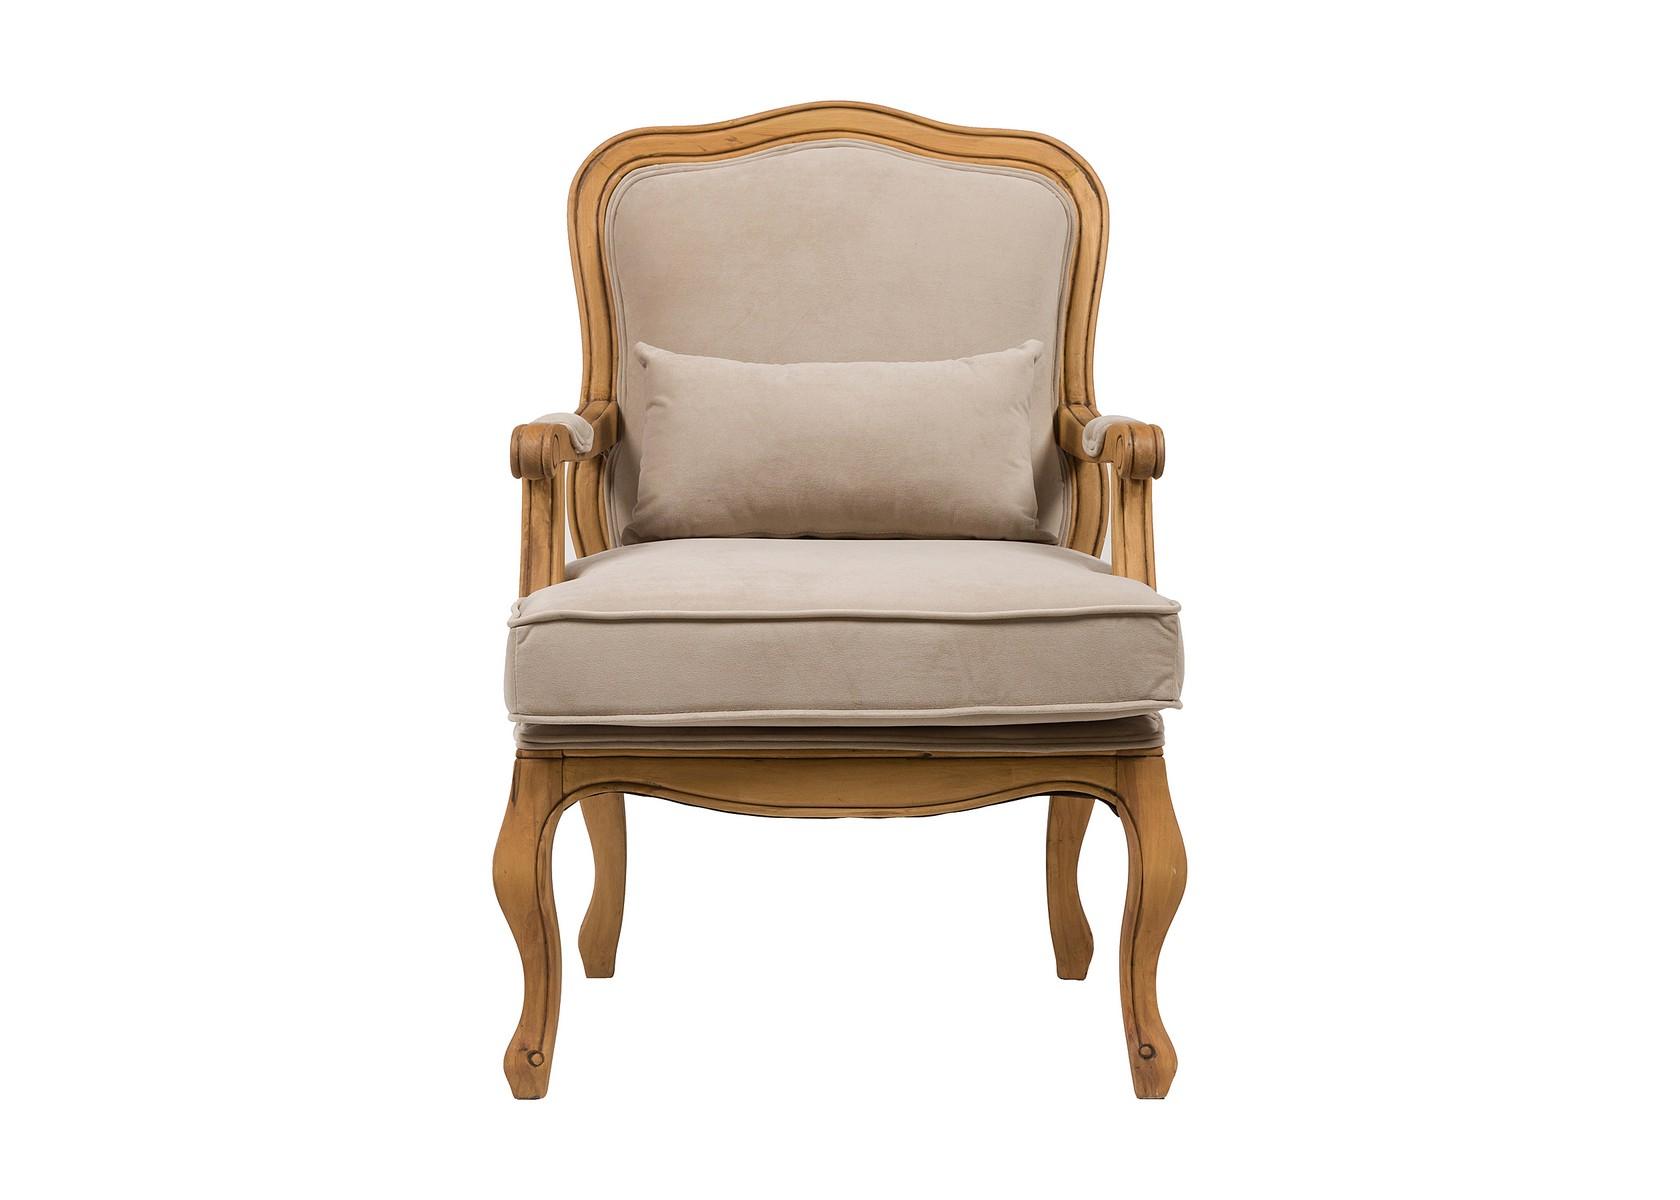 Кресло Bella CeraИнтерьерные кресла<br>Роскошное кресло Bella Cera — прекрасное дополнение к интерьеру в стиле Прованс. Резные подлокотники и изогнутые ножки с эффектом искусственного состаривания придают креслу величественный образ, а вельветовая обивка чёрного цвета подчеркивает его стиль и красоту, уместные и в современном городском, и в загородном доме.<br><br>Material: Текстиль<br>Width см: 68<br>Depth см: 68<br>Height см: 95